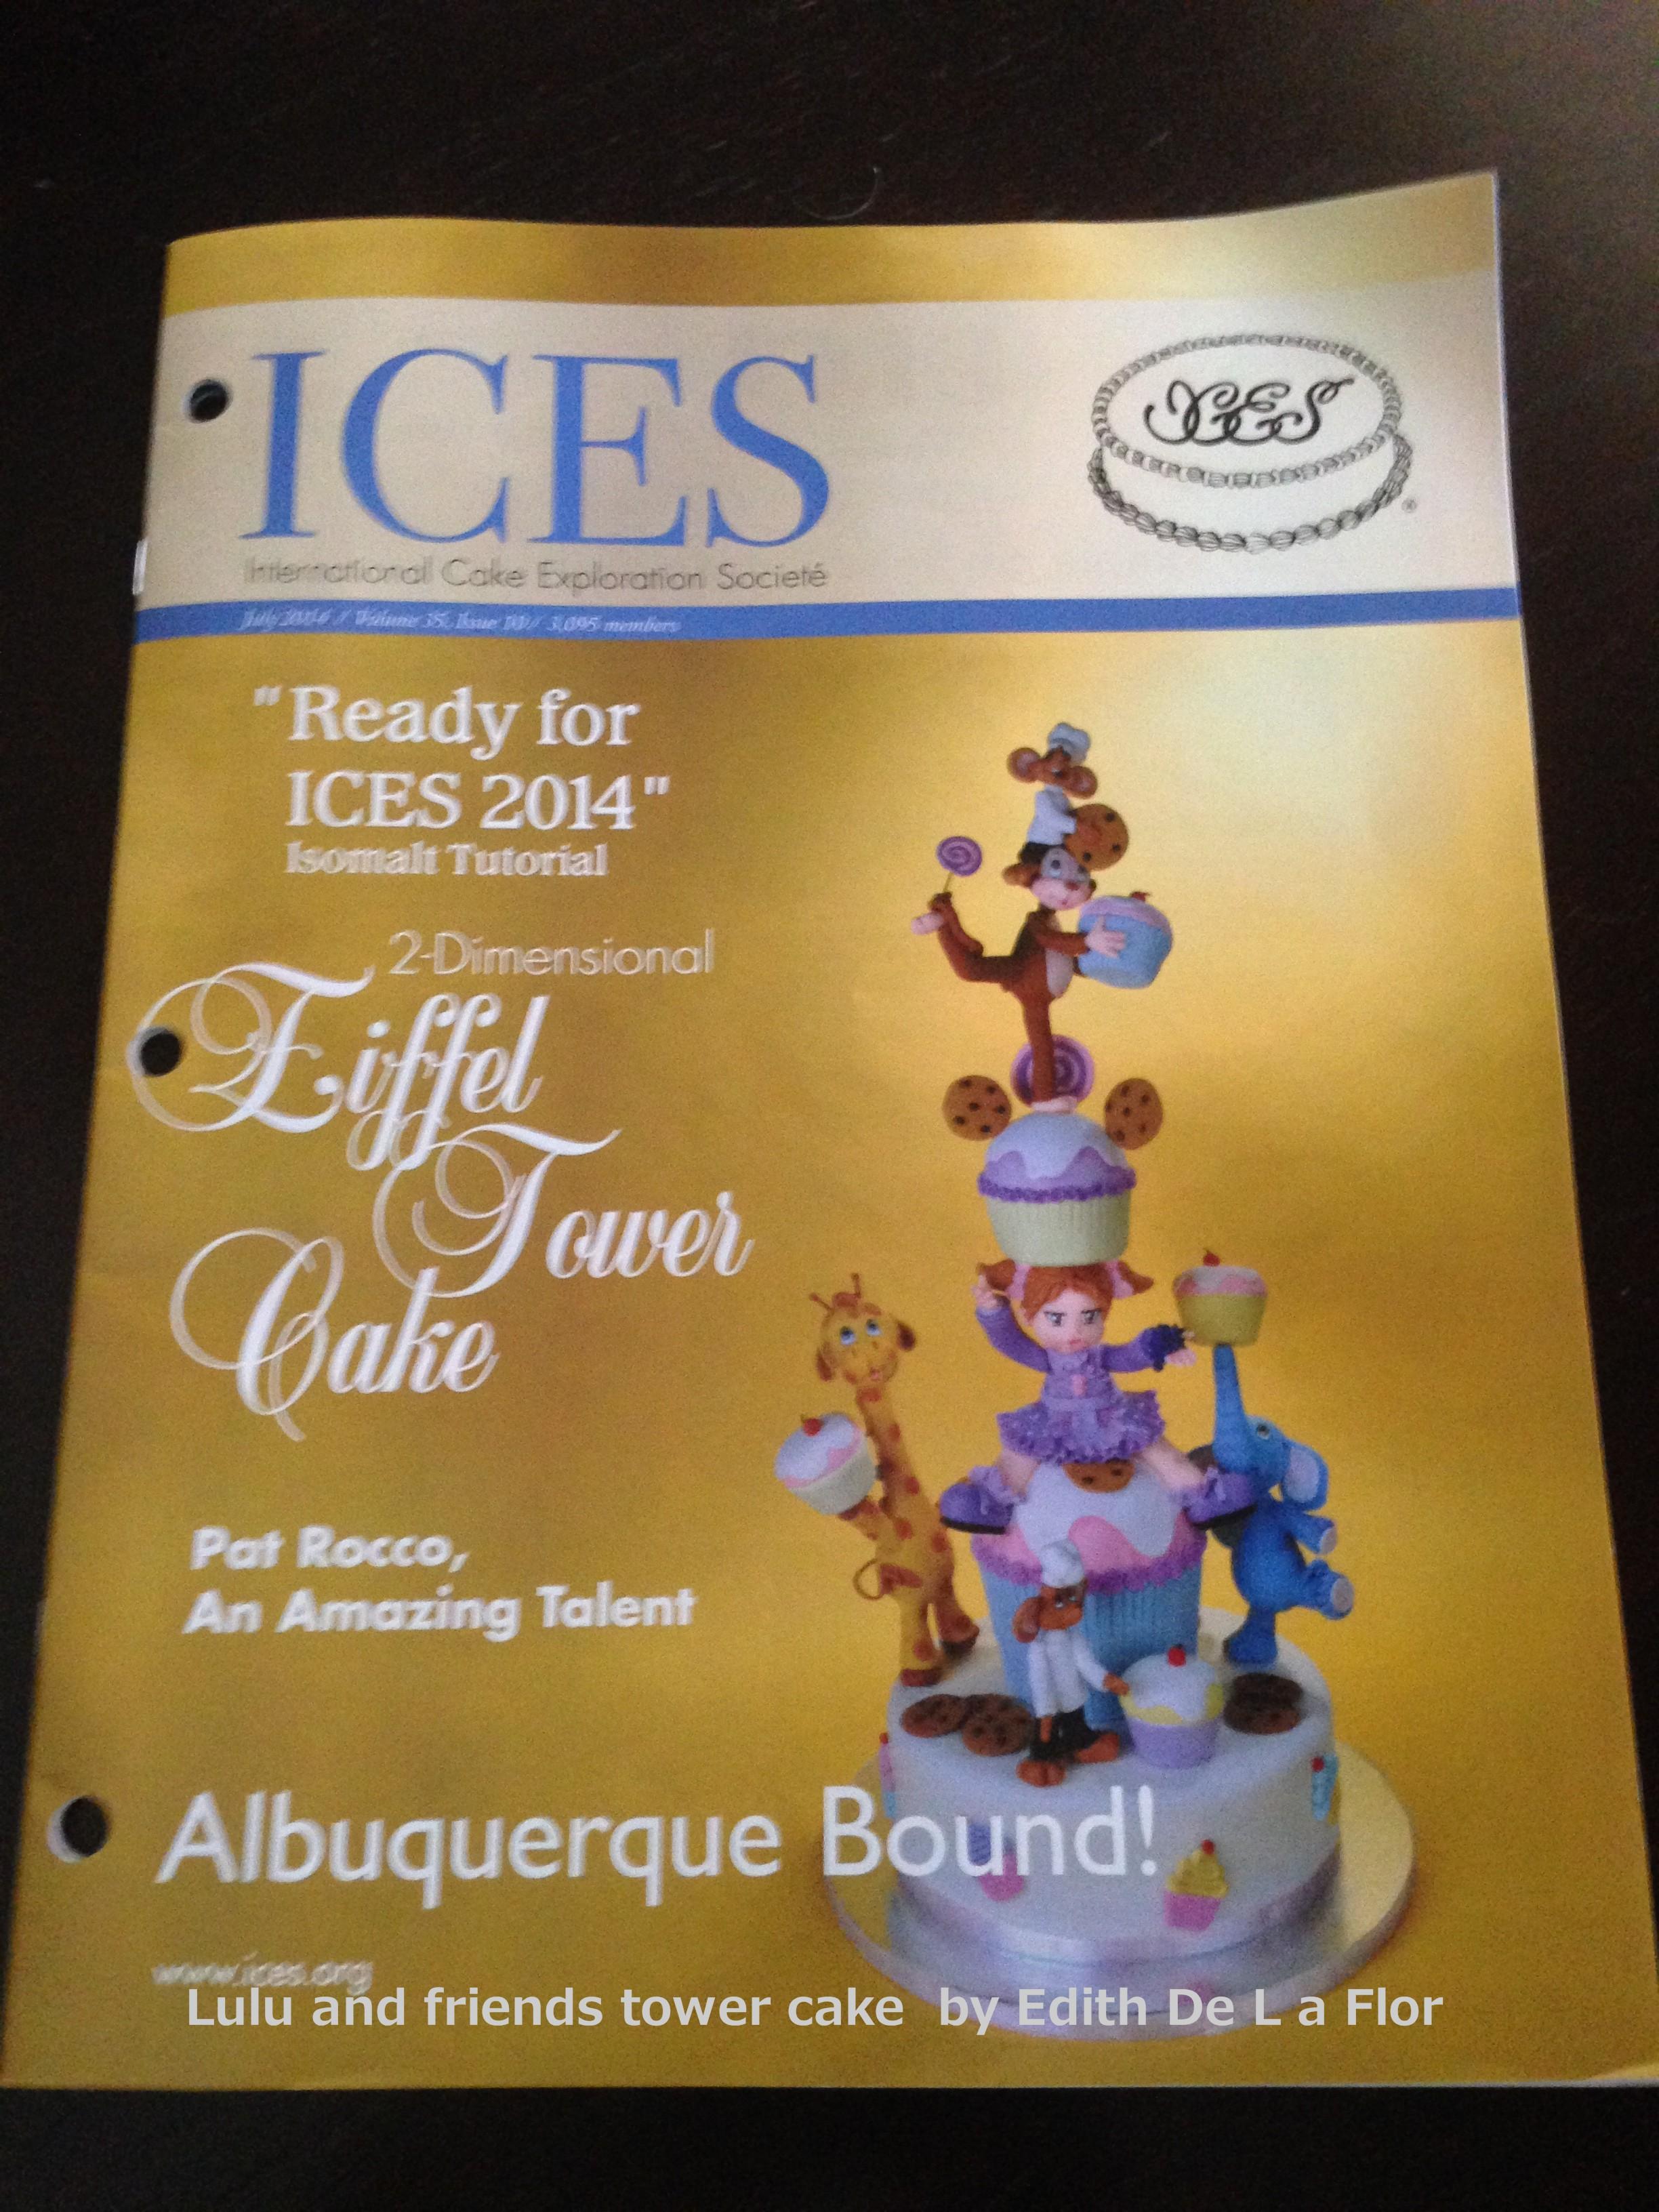 ICES magazine